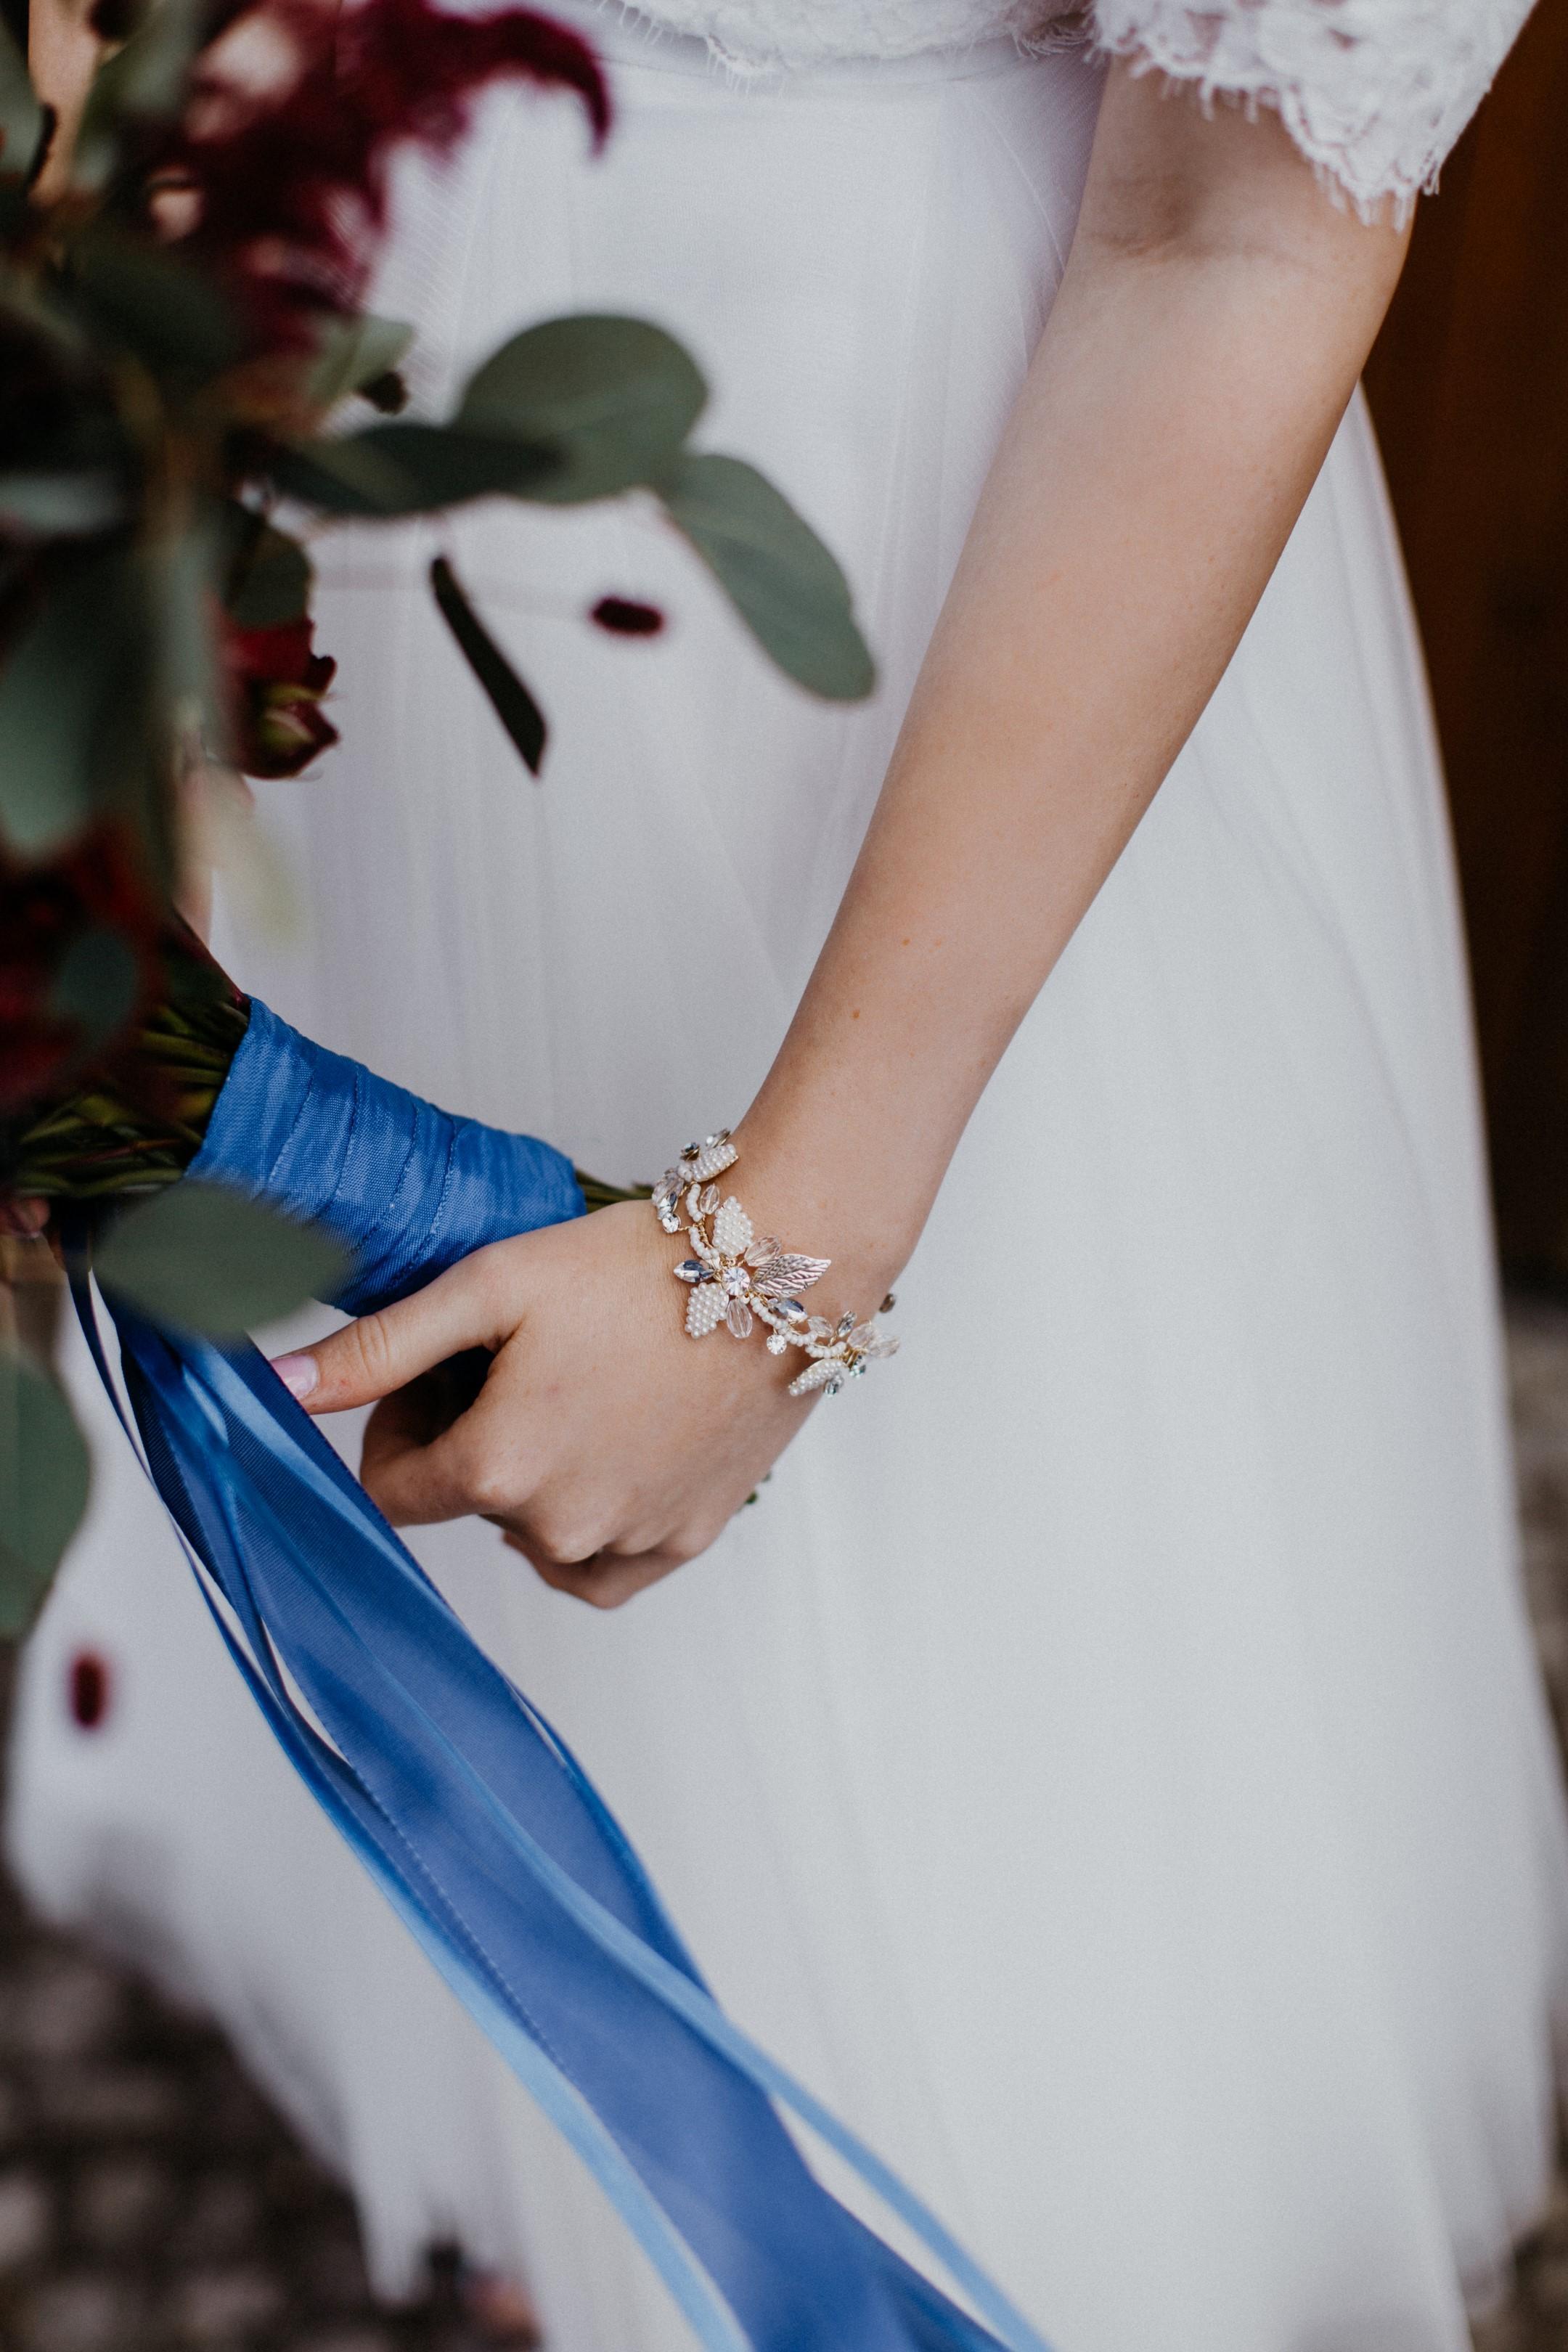 Traumanufaktur_Hochzeitsspeicher_an_der_Elbe_Styled_Shoot_014 (Andere)